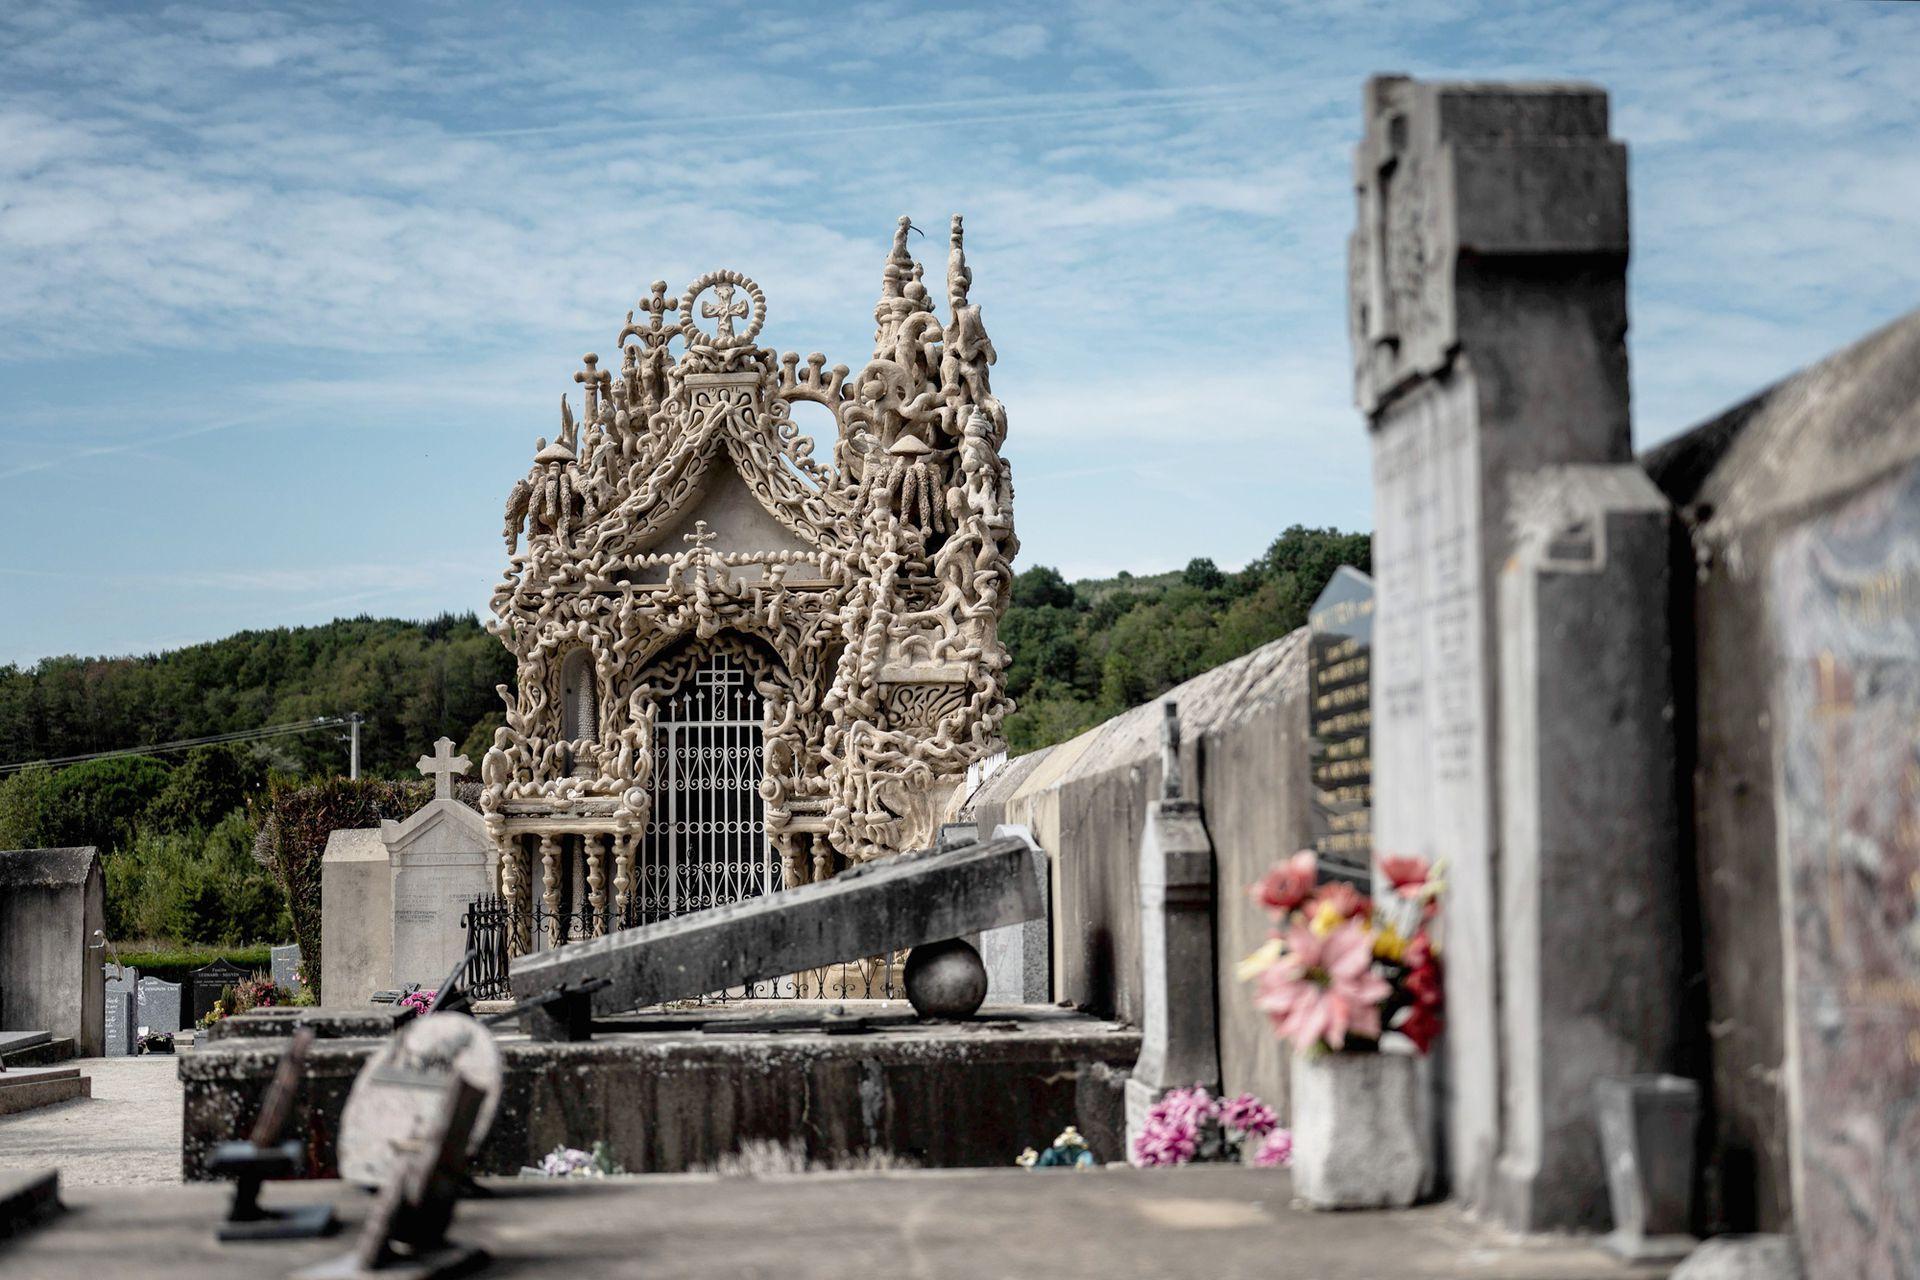 Con el deseo de ser enterrado en un palacio, el humilde cartero, adquirió un terreno en el cementerio y dedicó los siguientes ocho años a la construcción de su propio mausoleo, la terminó 20 meses antes de su muerte, en 1924, a los 88 años